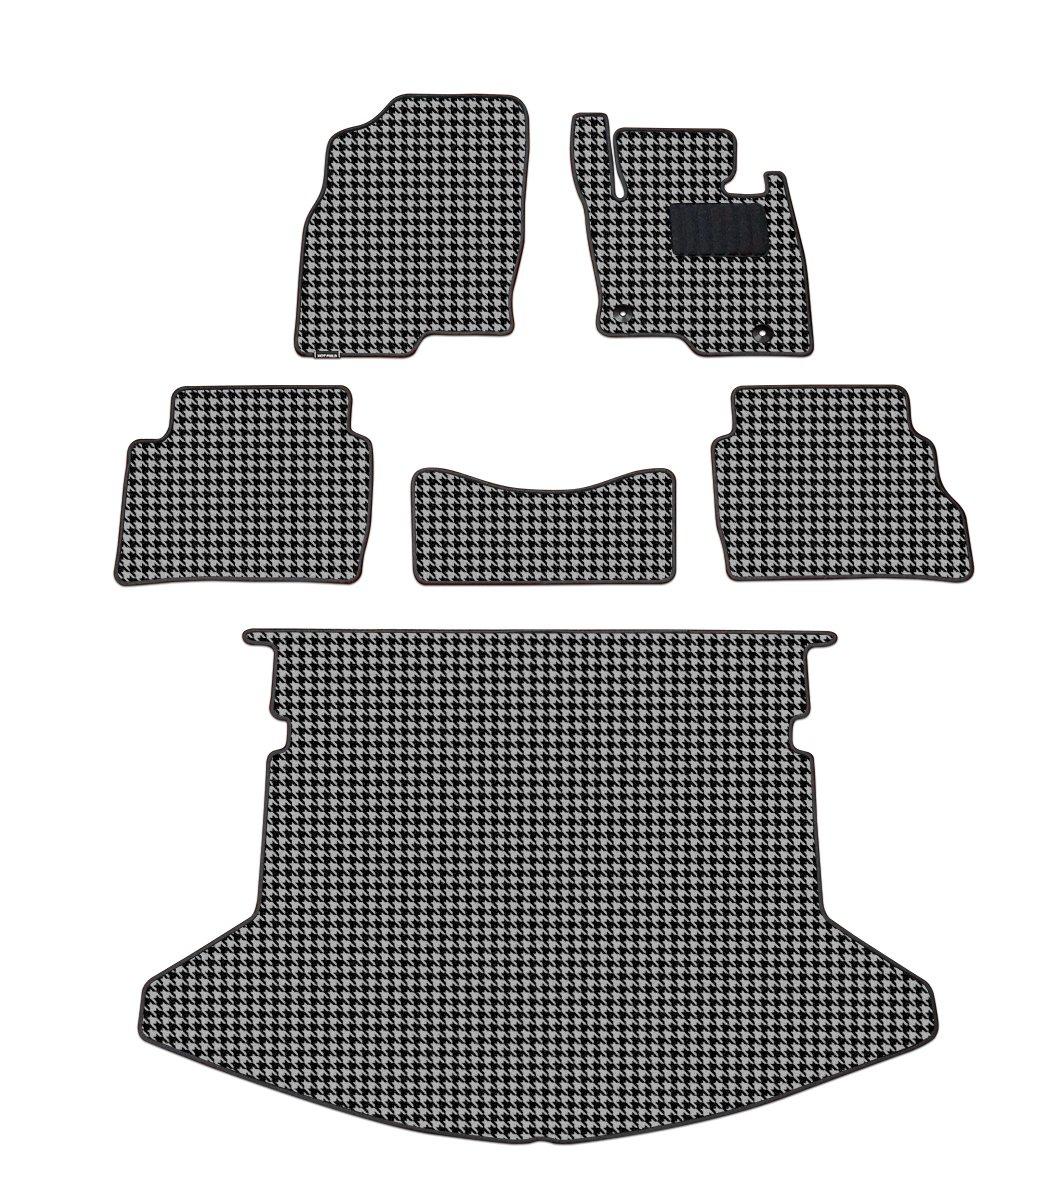 Hotfield マツダ CX-5 フロアマット+トランクマット 千鳥グレー KE系 (2012年2月~2017年1月)/フットレスト一体形状 B01N29UEF2 KE系 (2012年2月~2017年1月)/フットレスト一体形状|千鳥グレー 千鳥グレー KE系 (2012年2月~2017年1月)/フットレスト一体形状